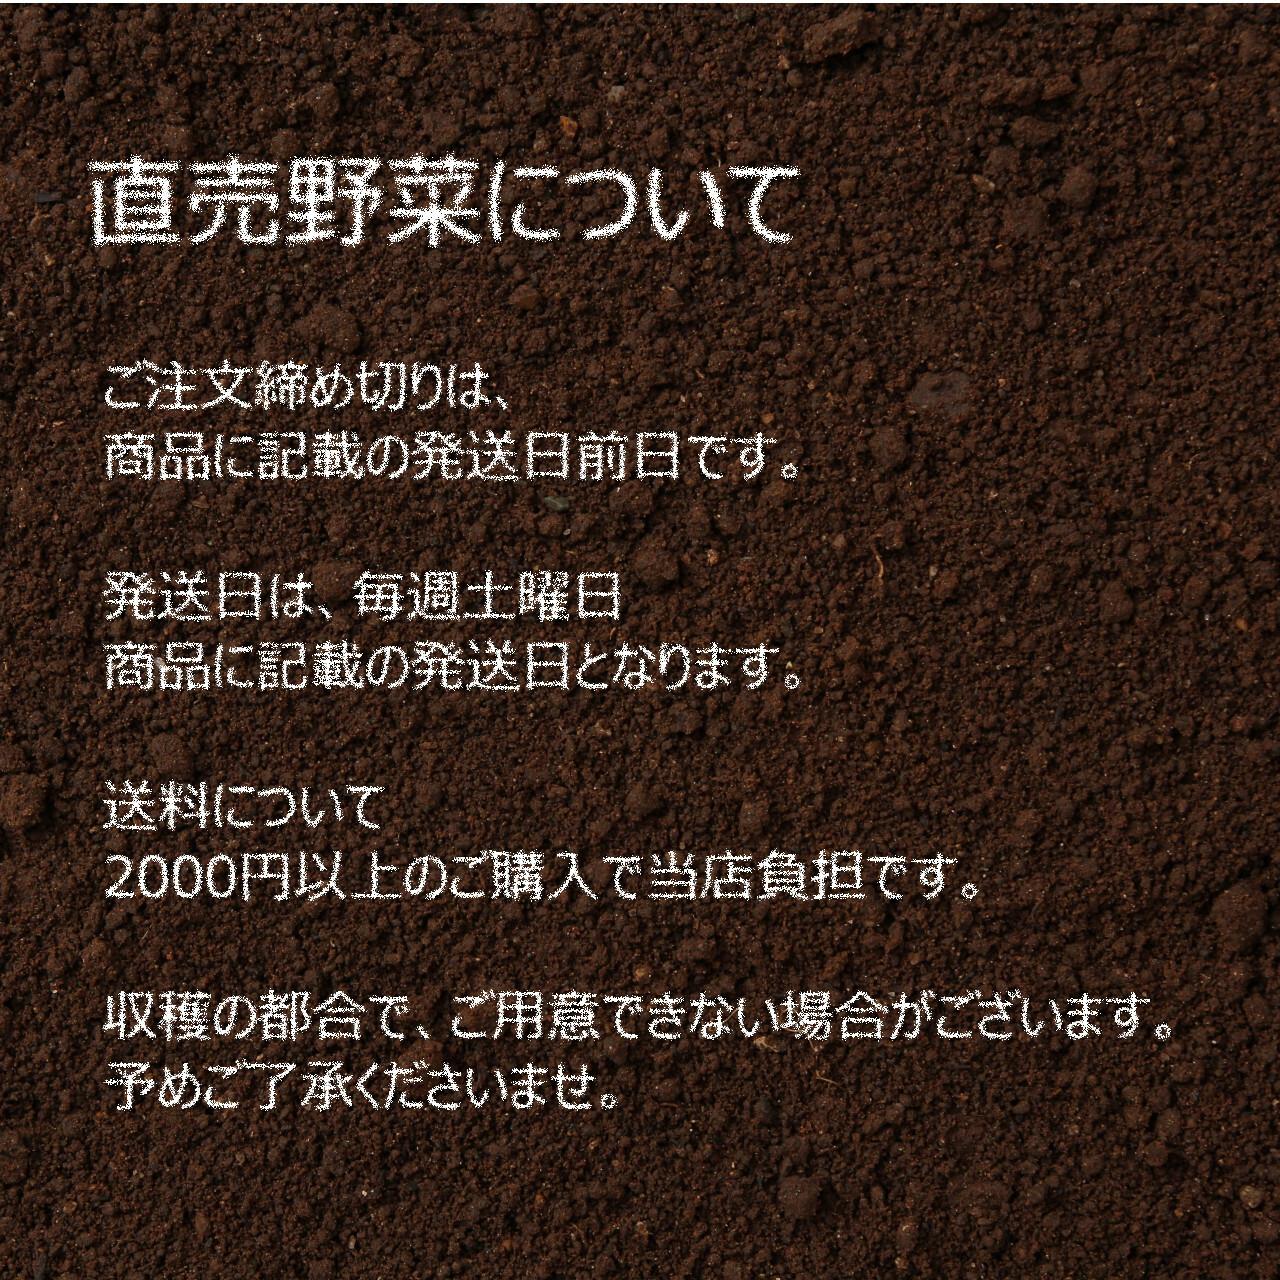 9月の朝採り直売野菜 : ピーマン 約250g 新鮮な秋野菜 9月21日発送予定